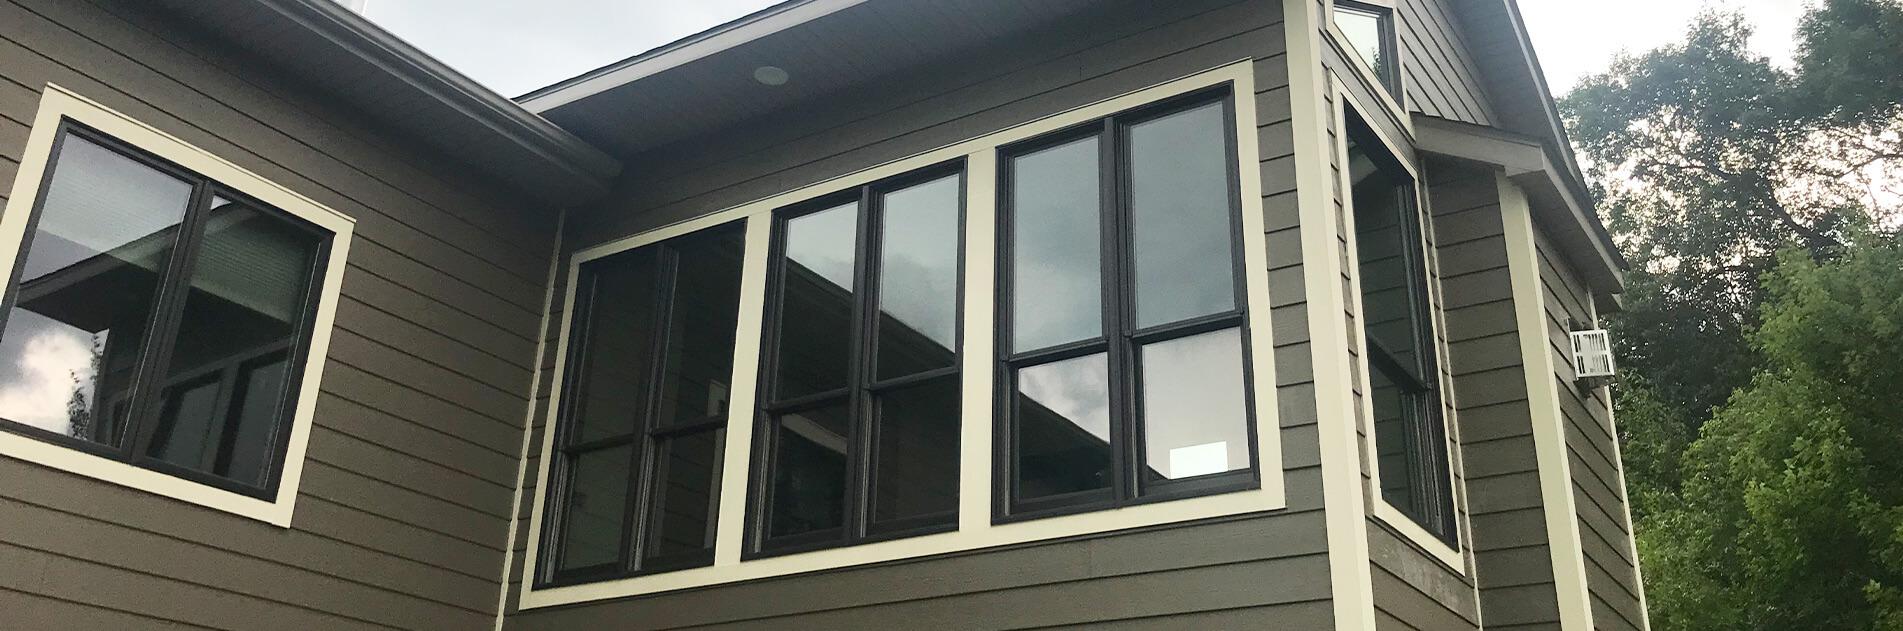 weathertek-exterior-windows-doors-install.jpg